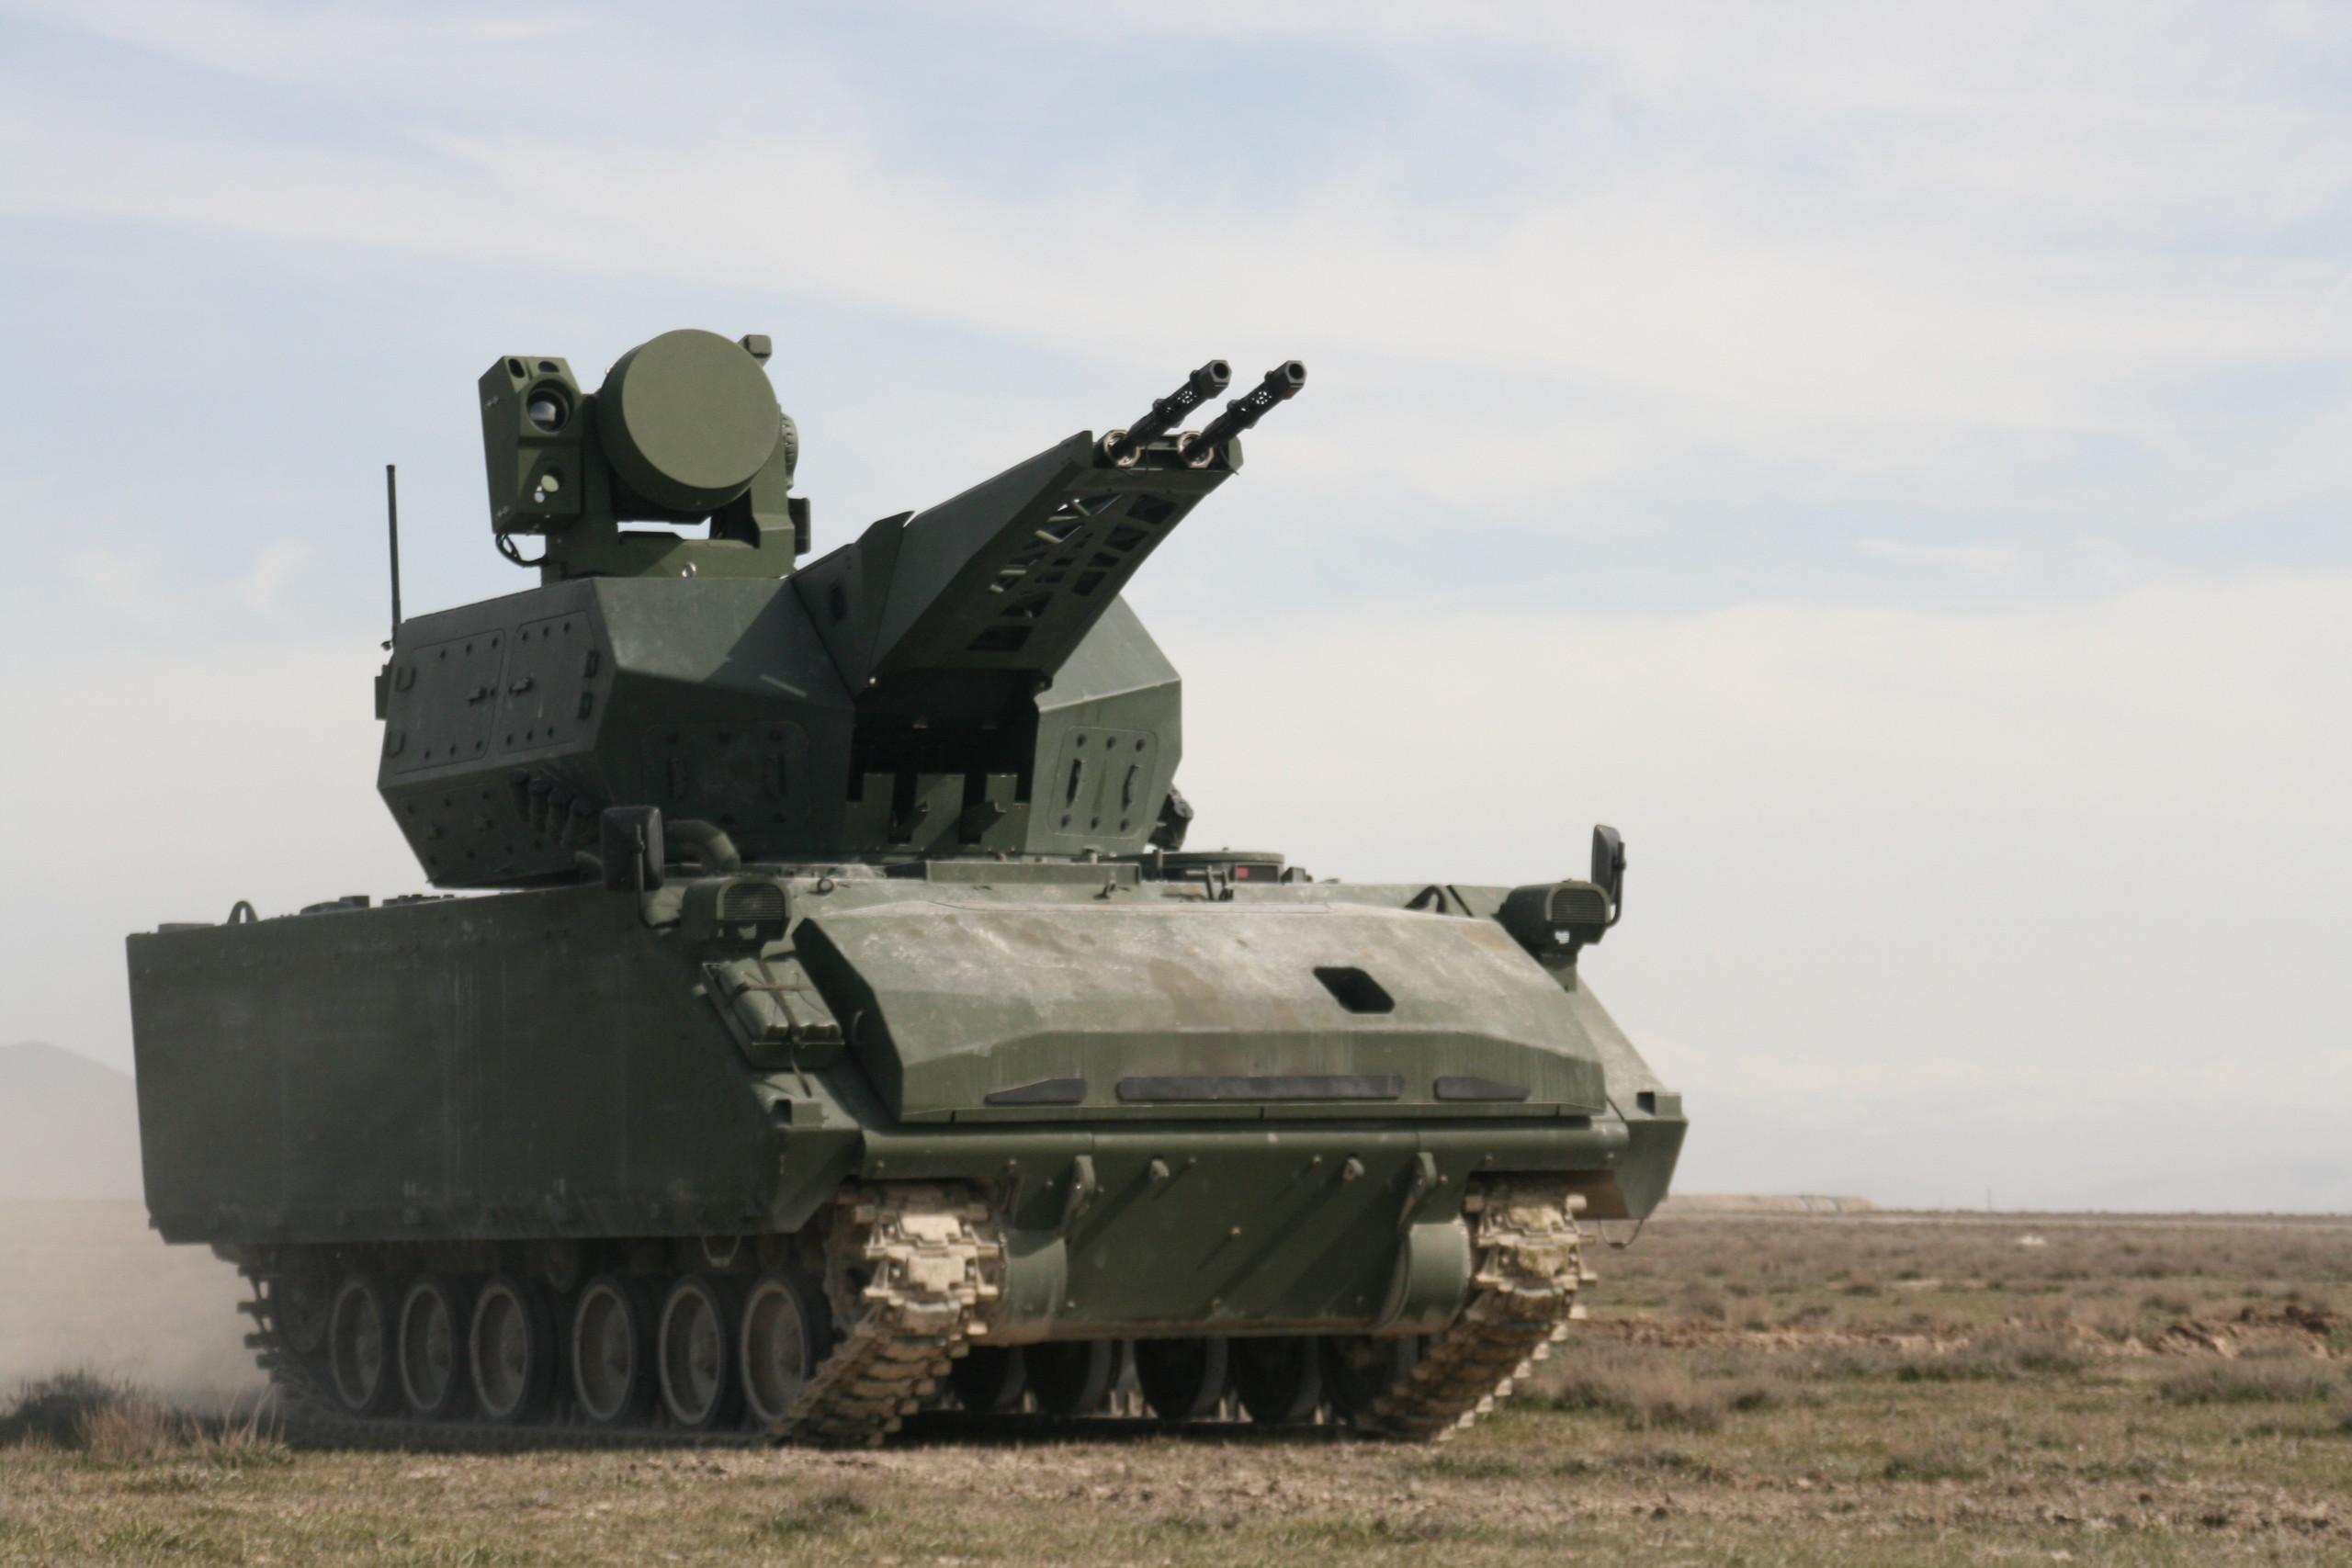 Turkish Ground Forces equipment LQbkAZ